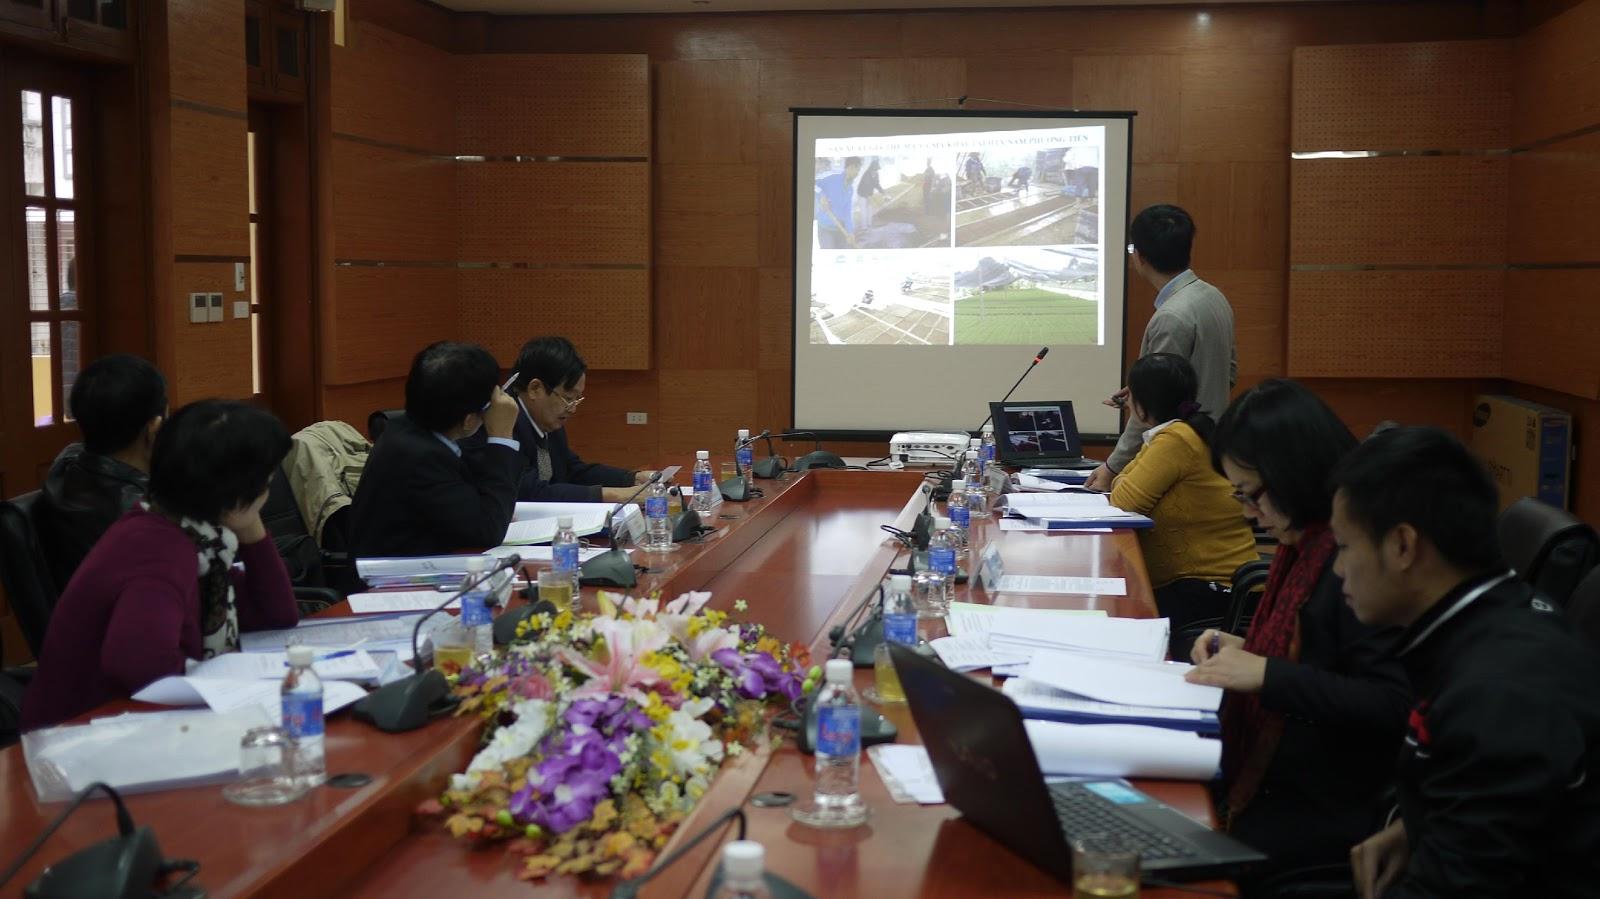 """Báo cáo tiến độ dự án """"Áp dụng công nghệ sinh học để sản xuất giá thể mạ và mạ khay công nghiệp phục vụ cơ giới hóa trong sản xuất nông nghiệp tại Thành phố Hà Nội"""""""